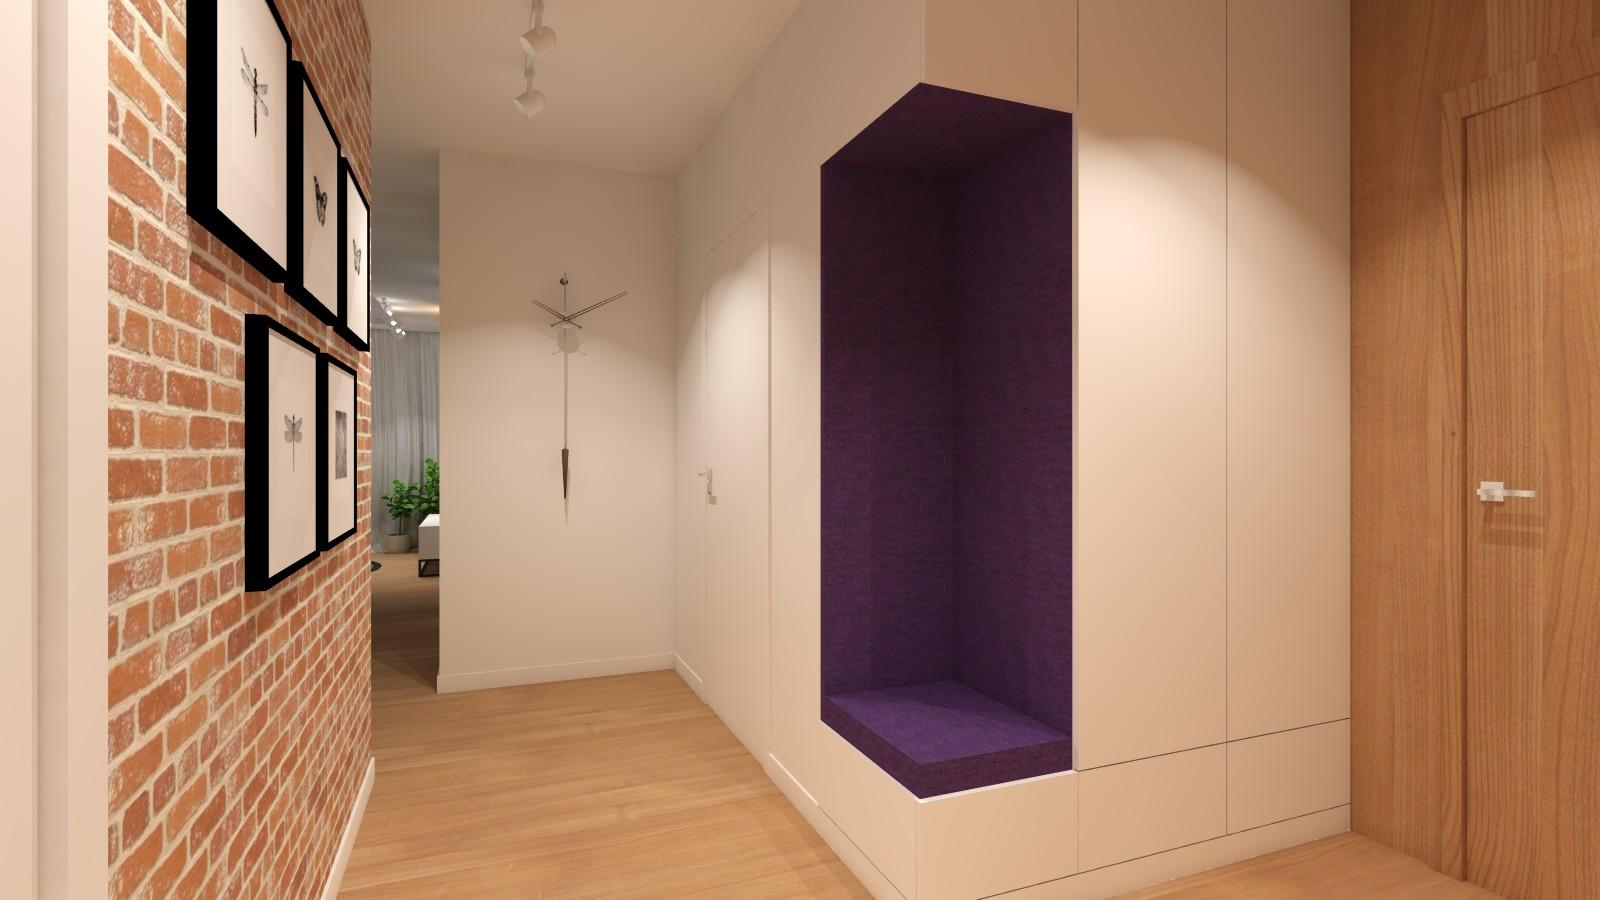 korytarz-z-cegla-na-scianie-siedziskiem